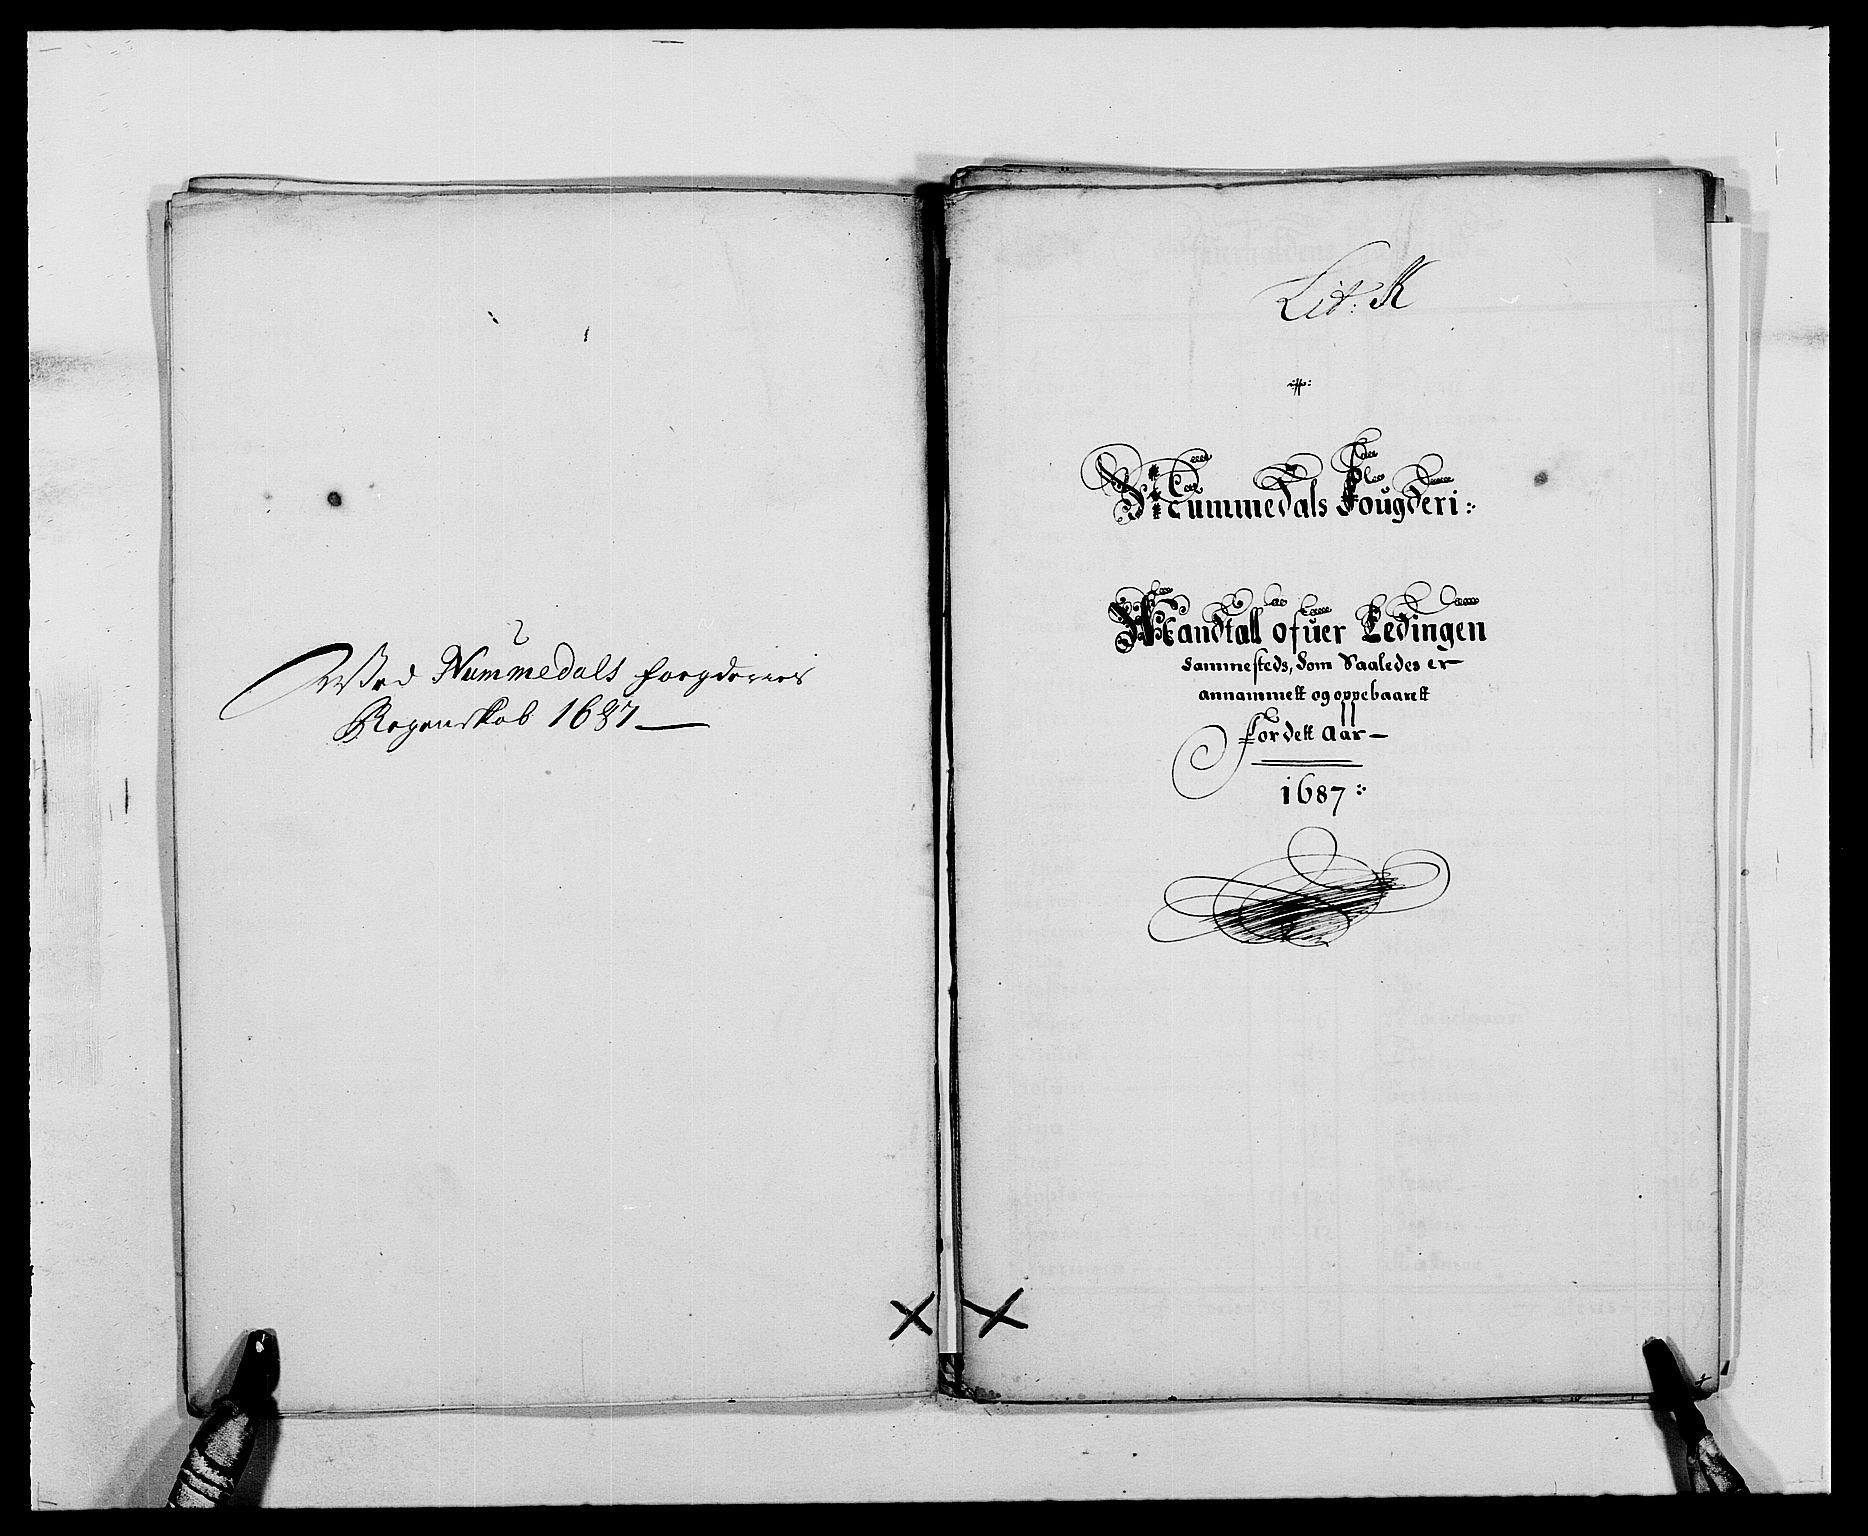 RA, Rentekammeret inntil 1814, Reviderte regnskaper, Fogderegnskap, R64/L4422: Fogderegnskap Namdal, 1687-1689, s. 56